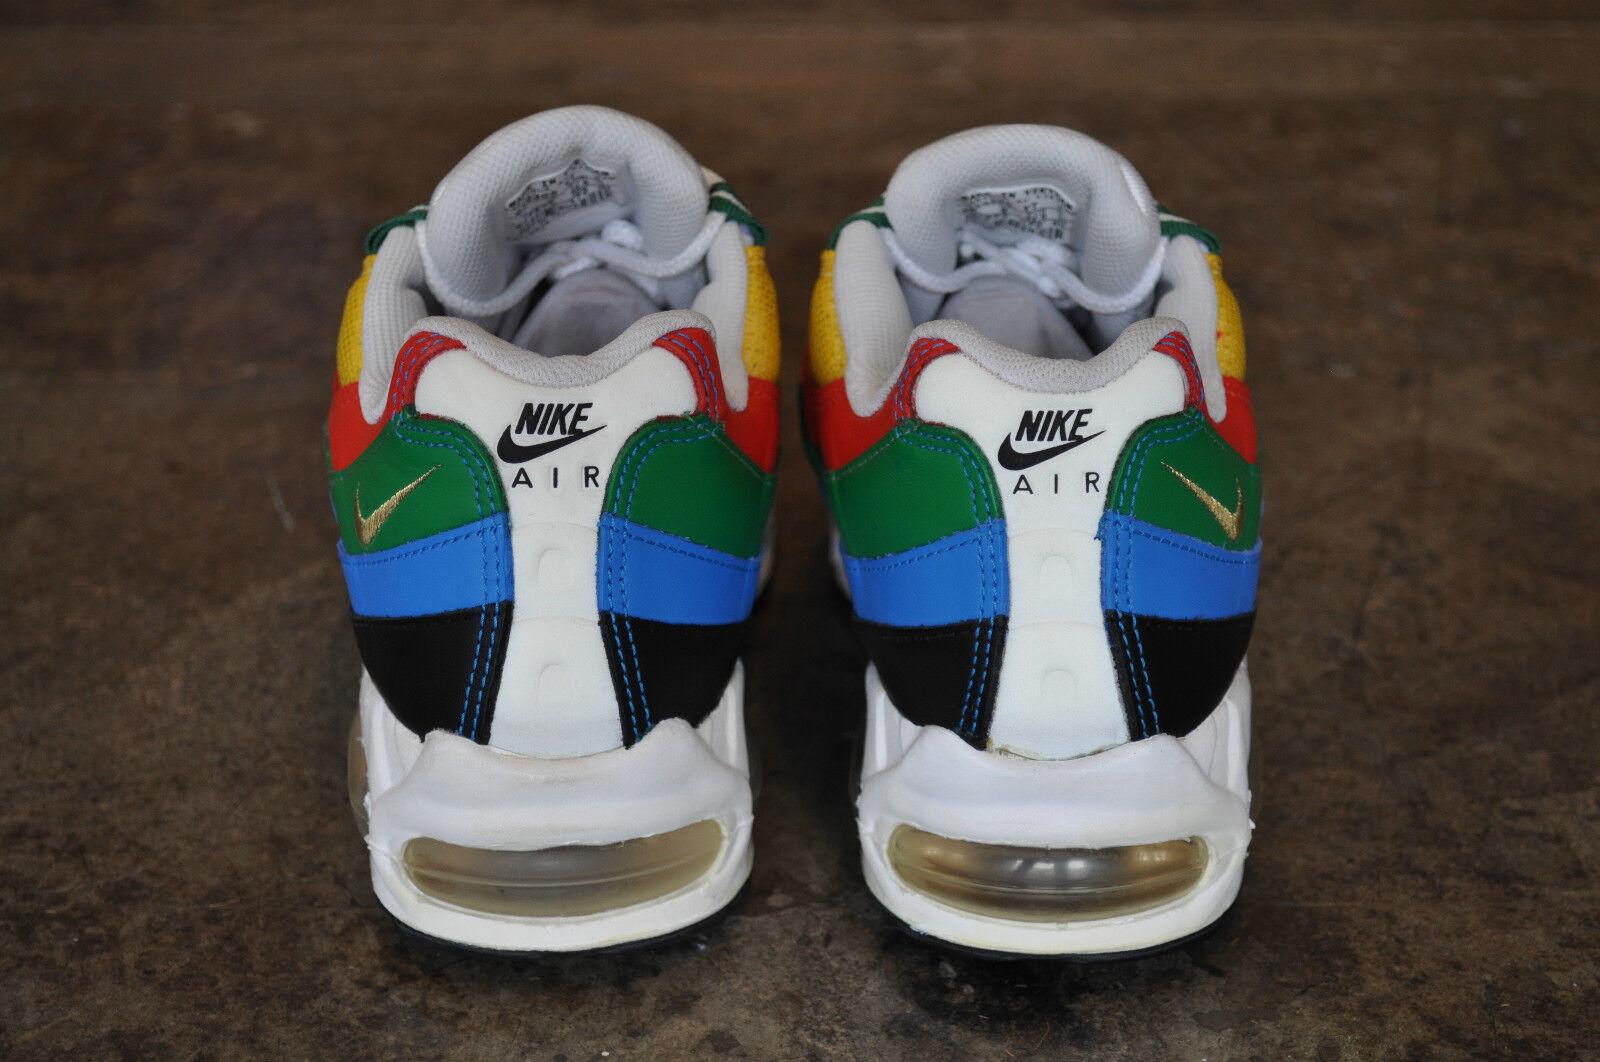 Nike Air Air Air Max 95